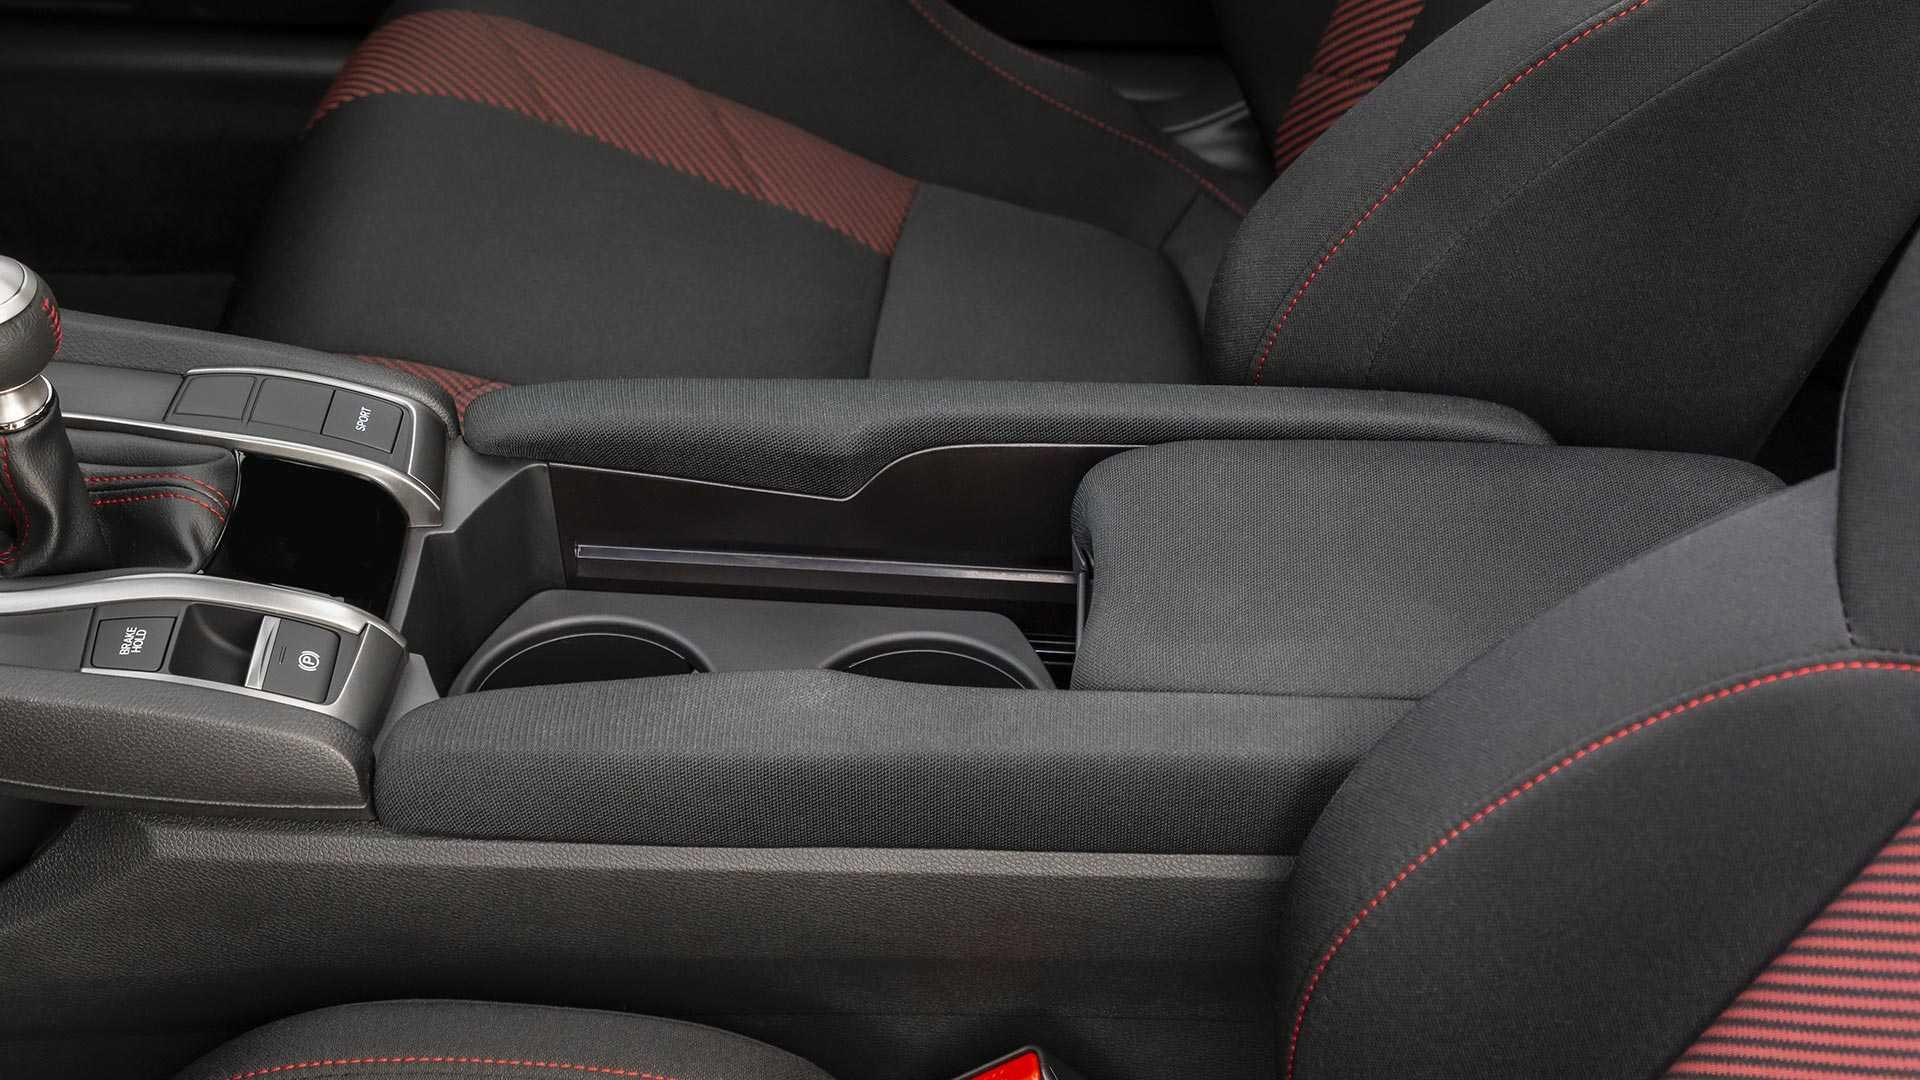 Khám phá Honda Civic Si 2020 phiên bản thể thao - 22